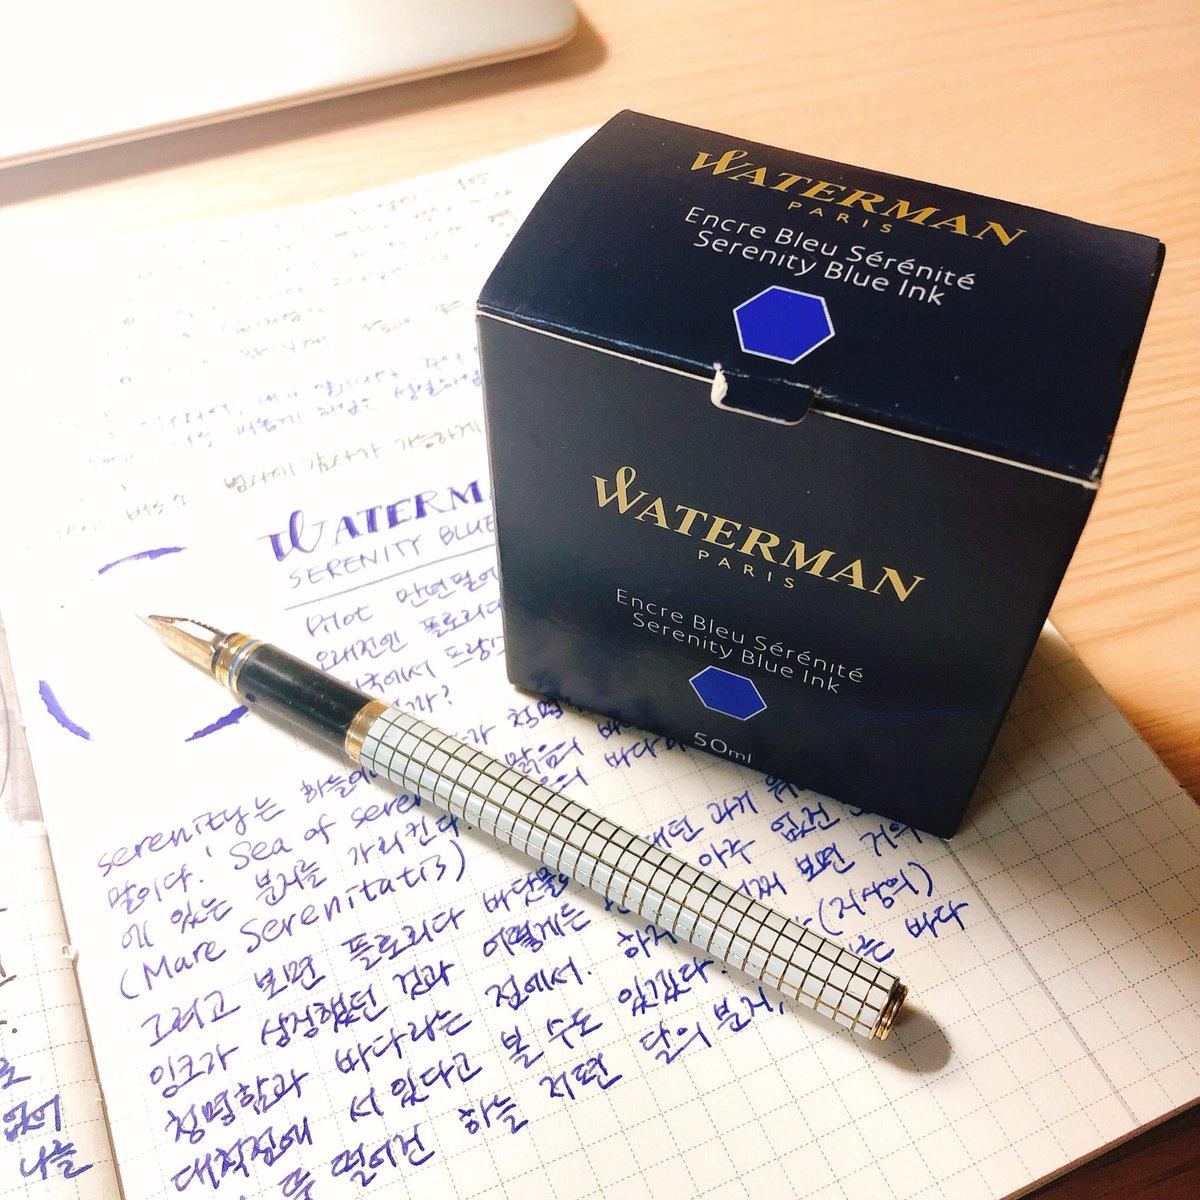 워터맨 세레니티 블루 잉크